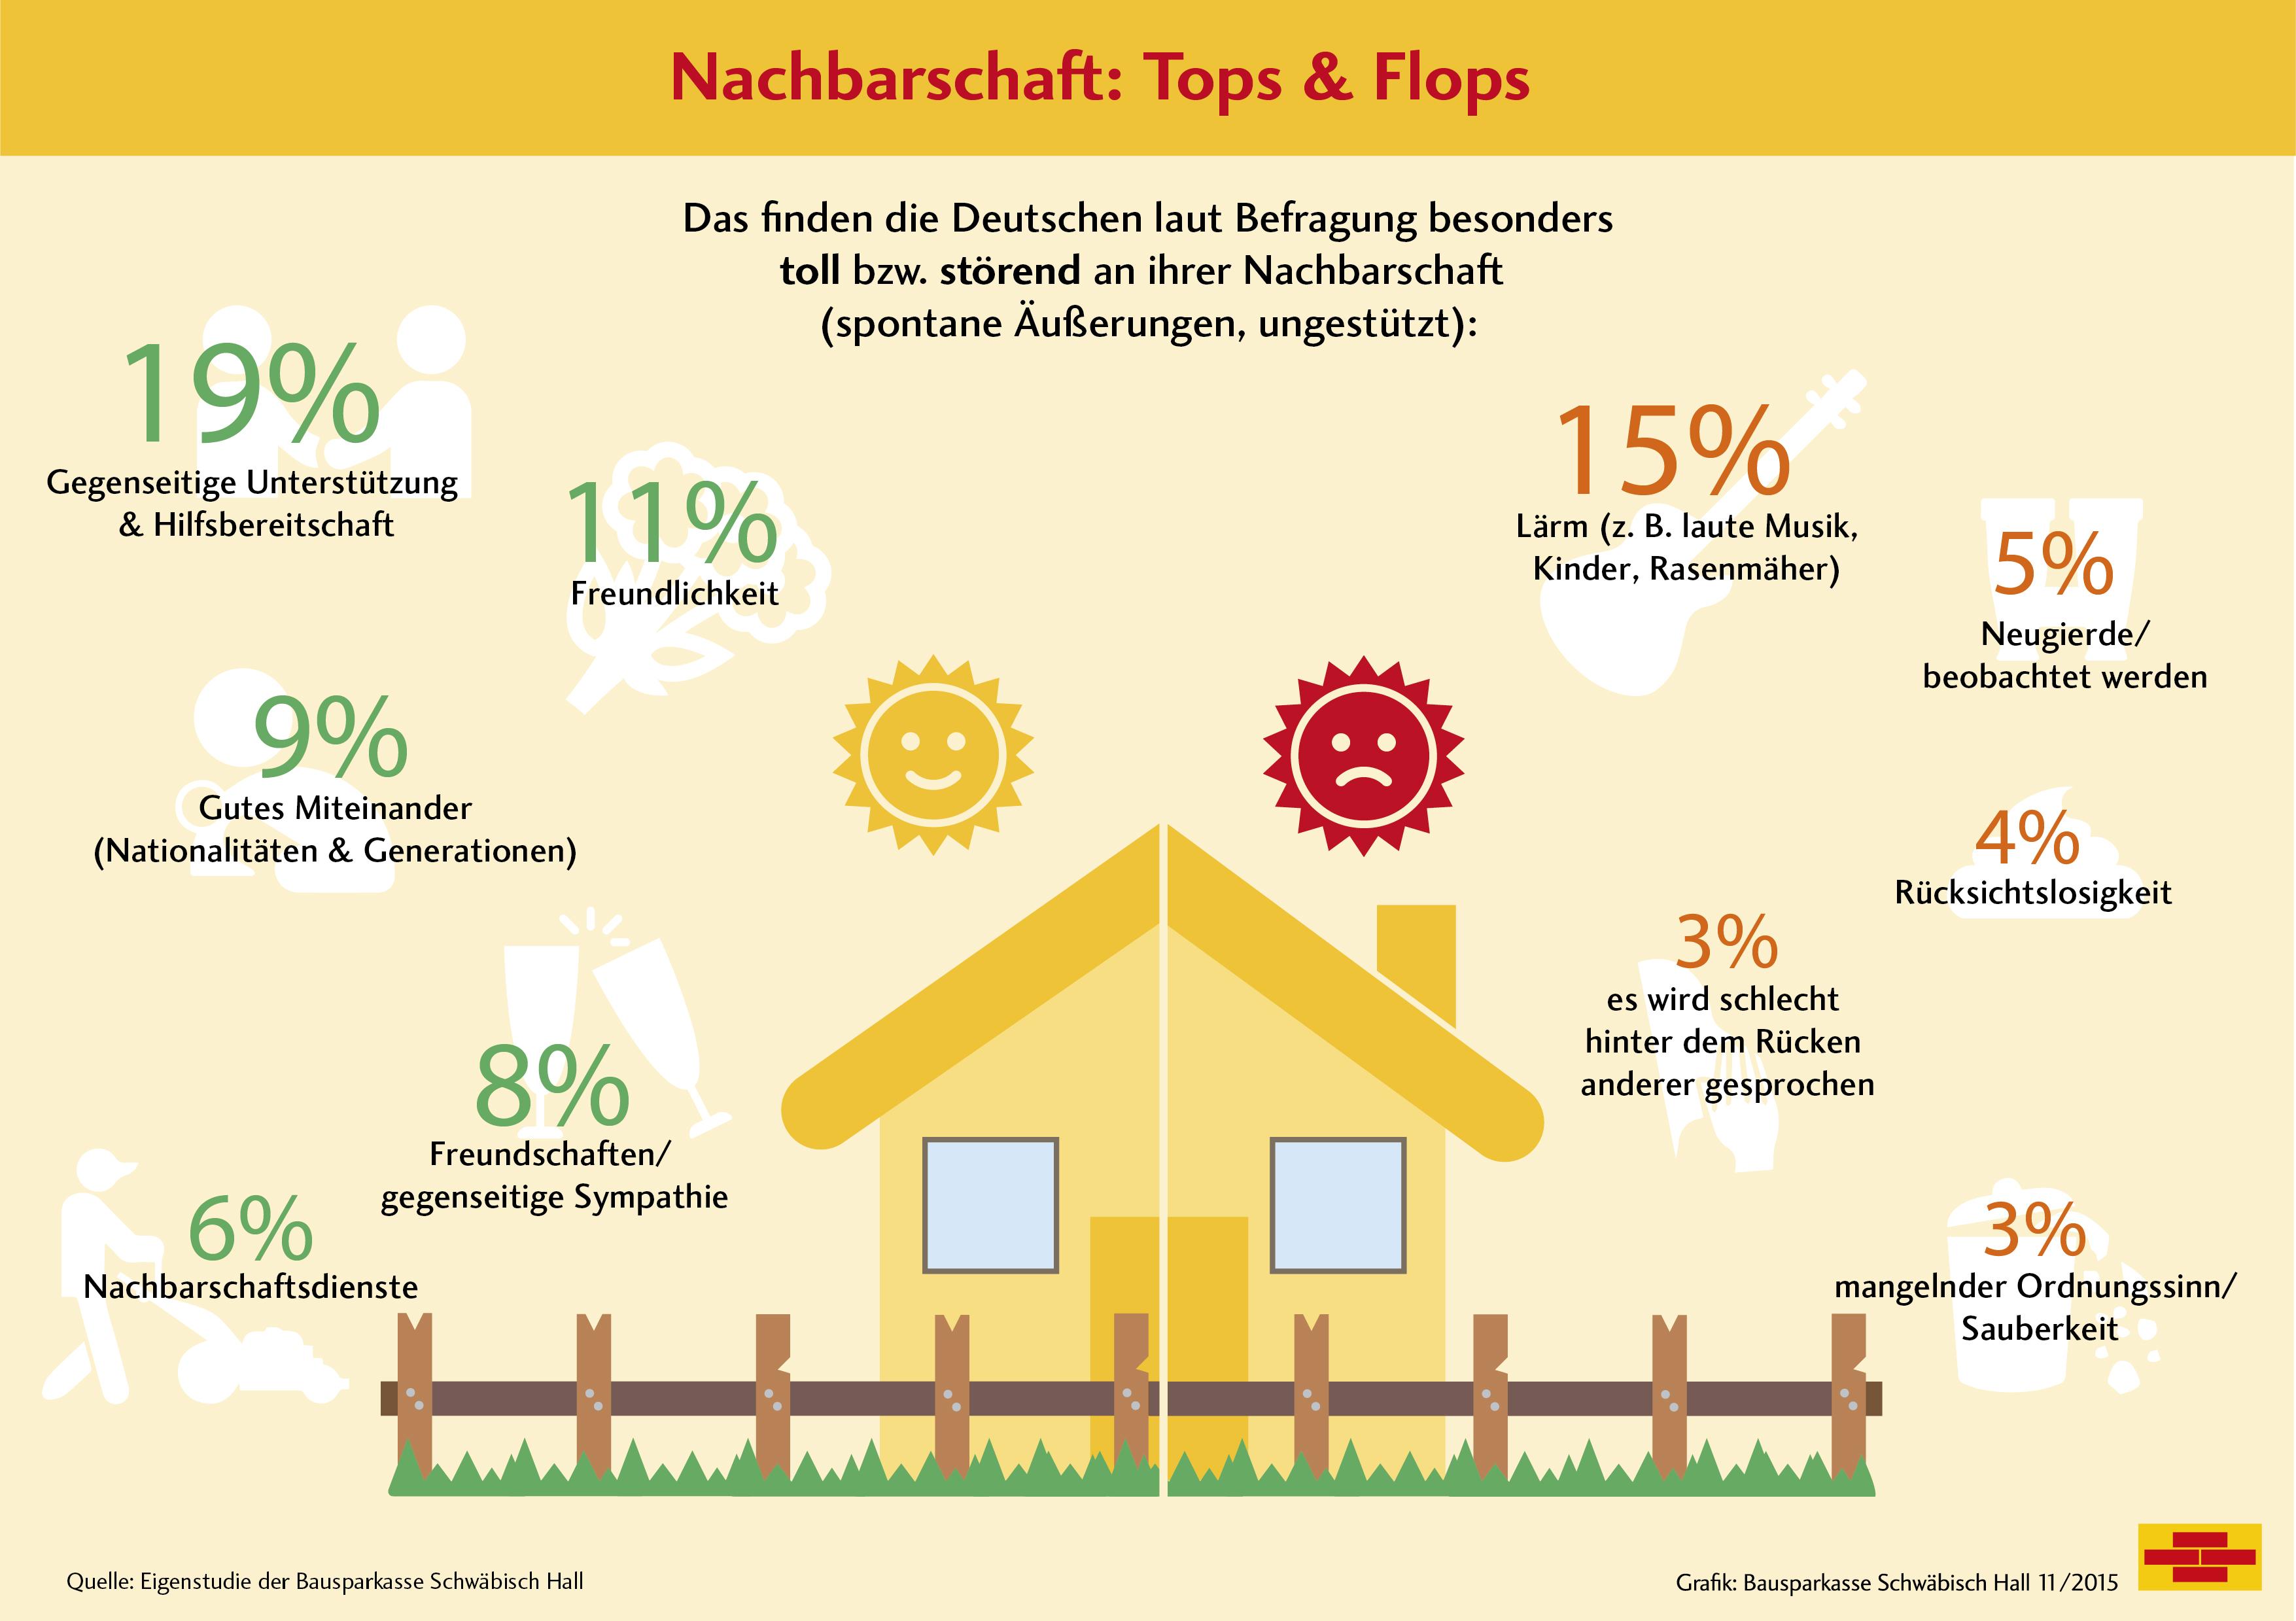 Grafik_Nachbarschaft Tops und Flops_20151207